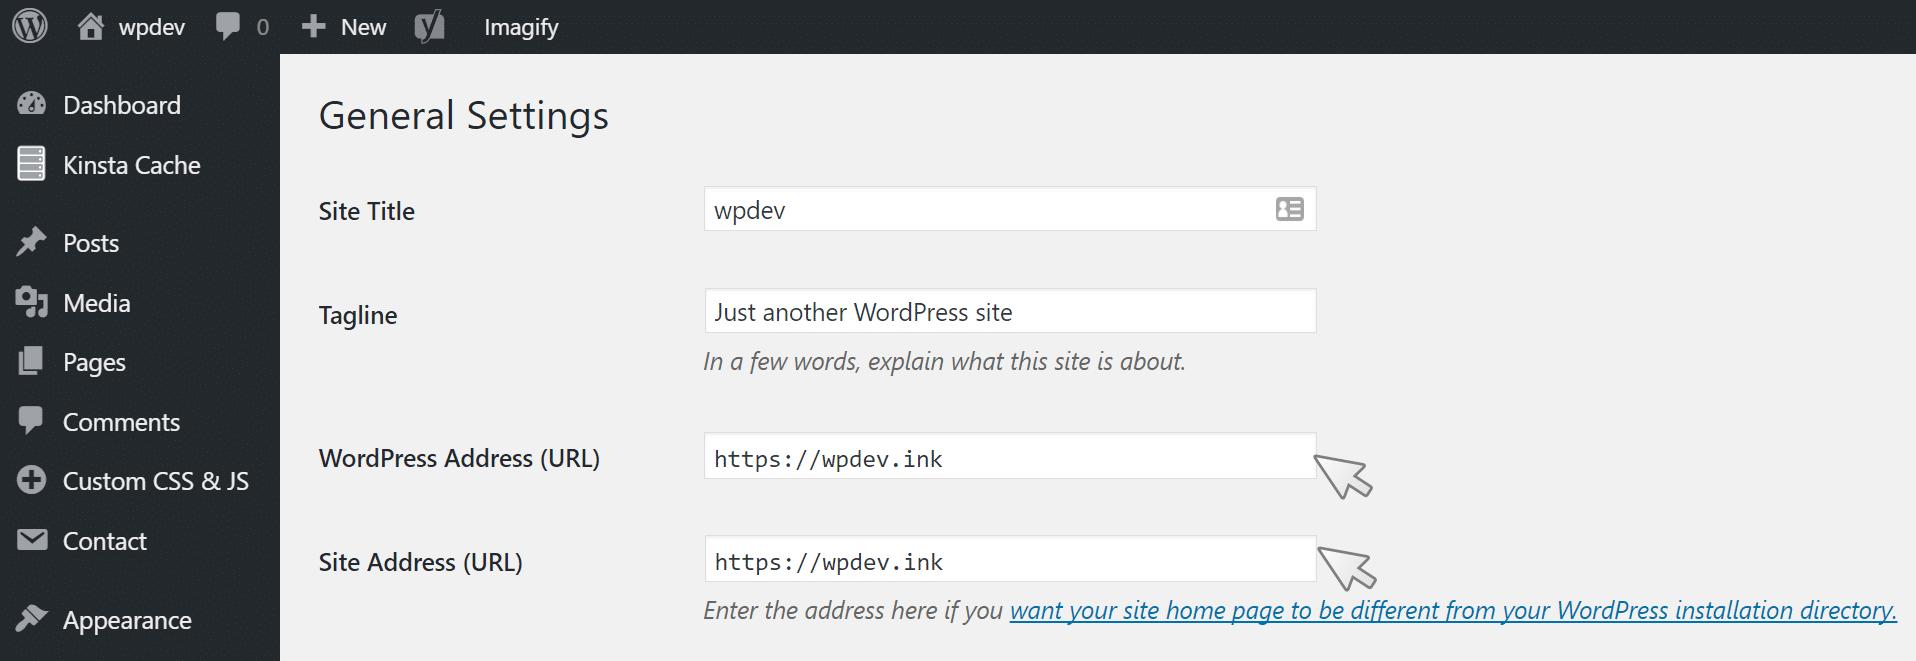 Mise à jour de l'URL WordPress dans le tableau de bord